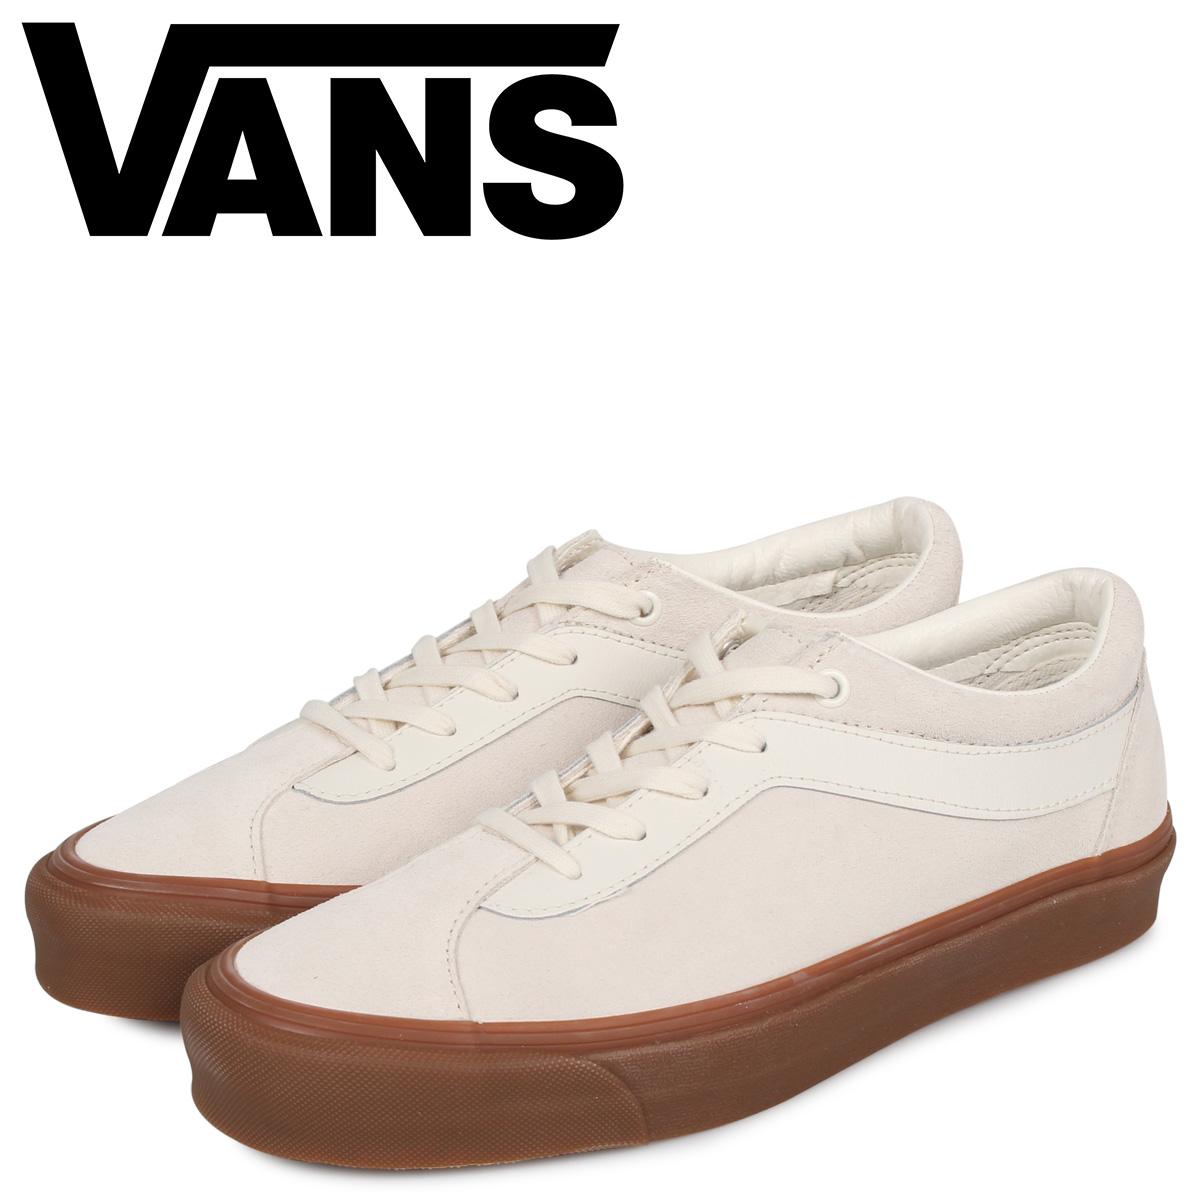 バンズ VANS BOLD NI スニーカー メンズ ヴァンズ ボールド ホワイト 白 VN0A3WLPT95